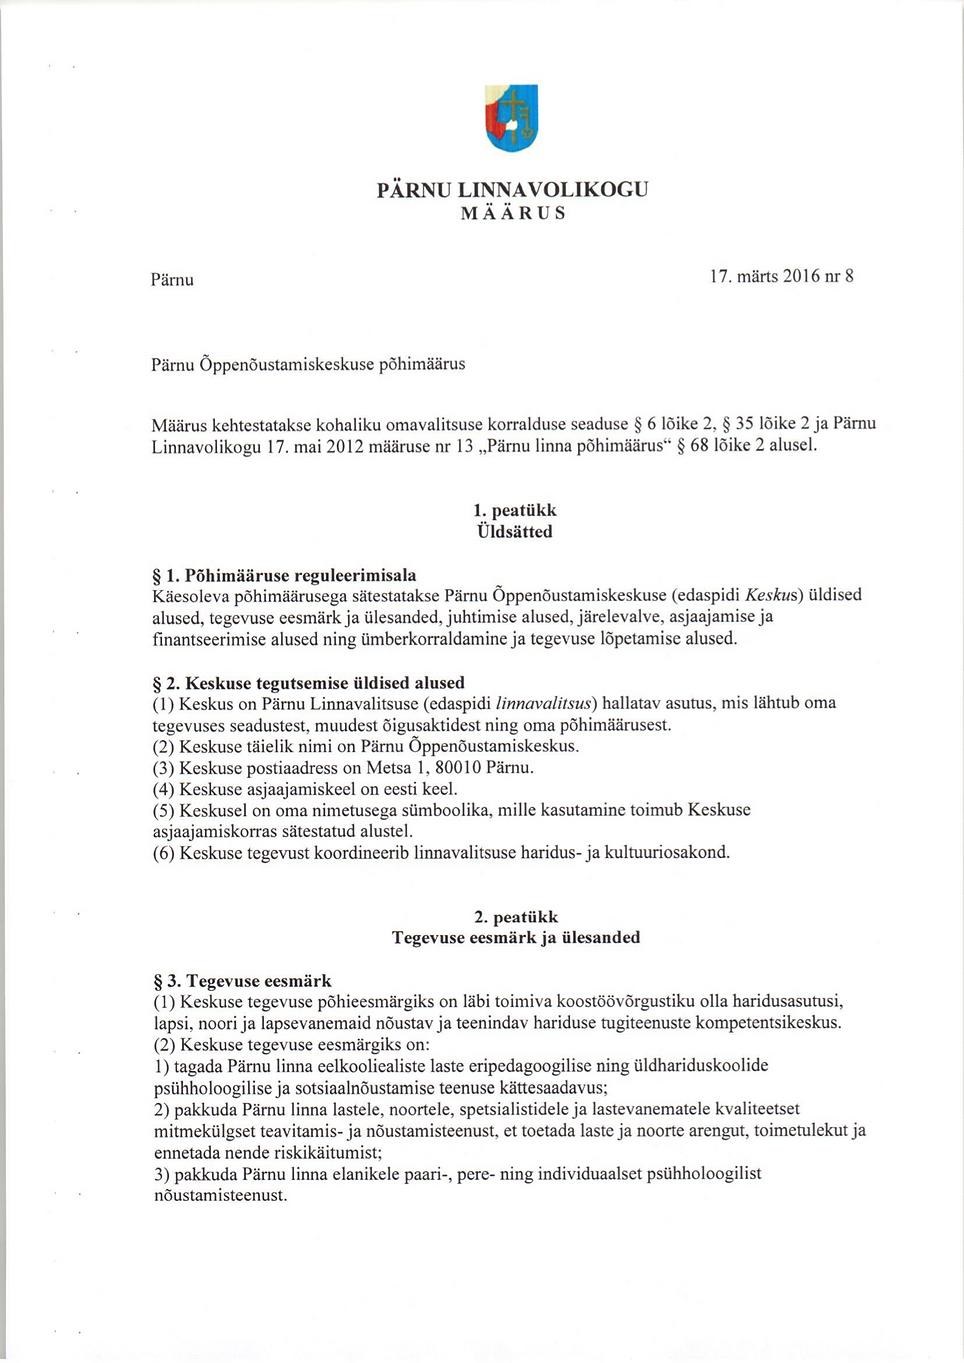 1. Pärnu Õppenõustamiskeskuse põhimäärus